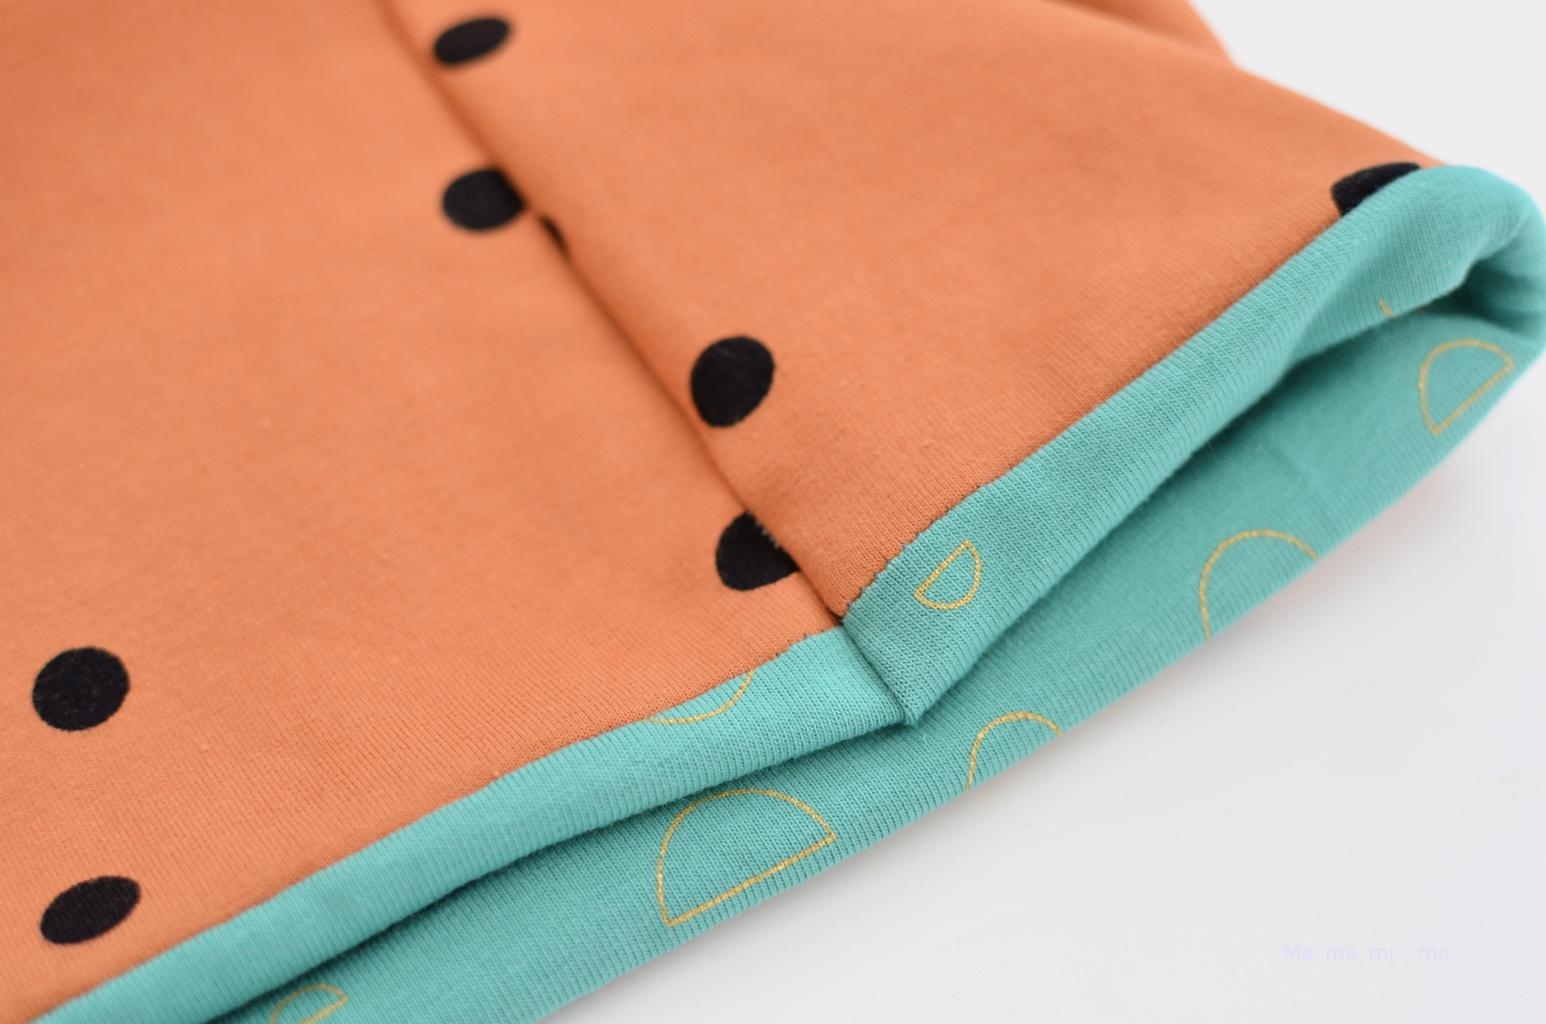 tutorial braga cuello mamemimo detalle costuras casadas